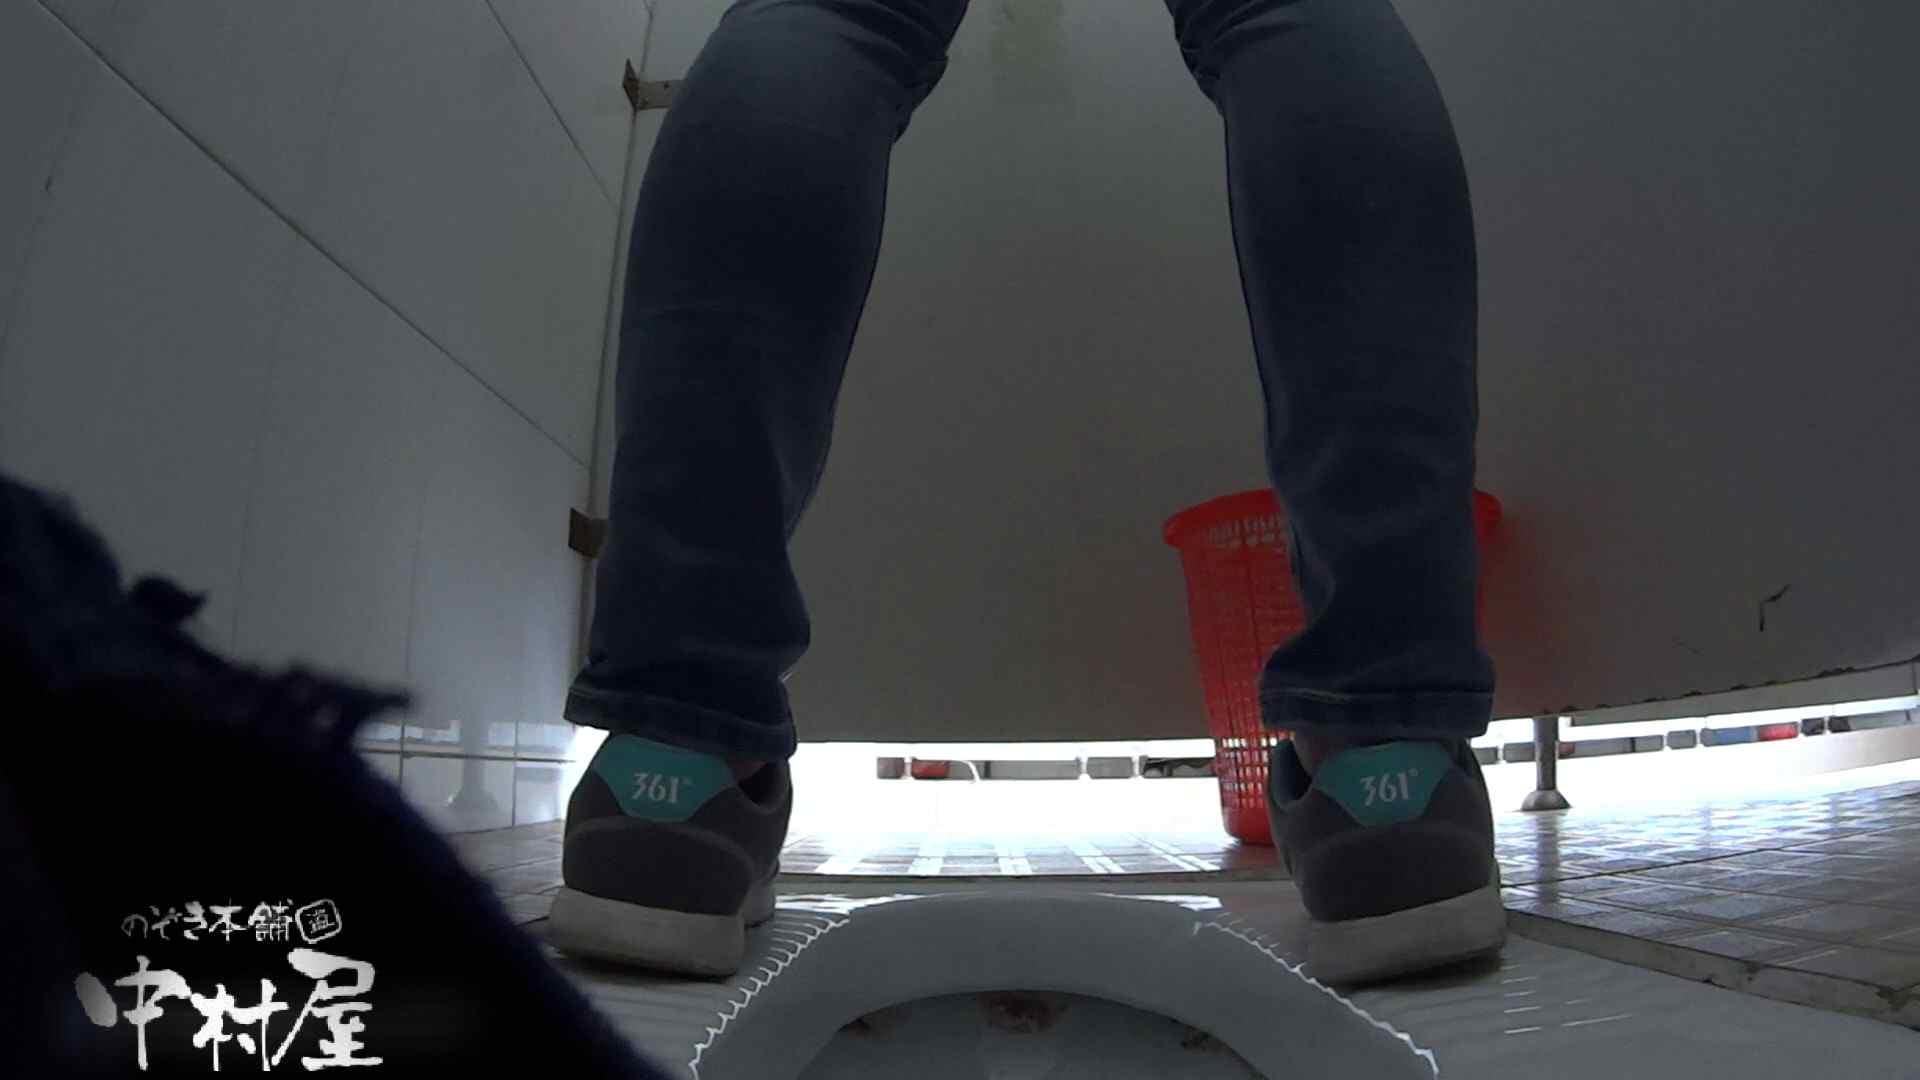 めくれ上がる陰部からの大聖水!大学休憩時間の洗面所事情27 超エロお姉さん 隠し撮りオマンコ動画紹介 77枚 47